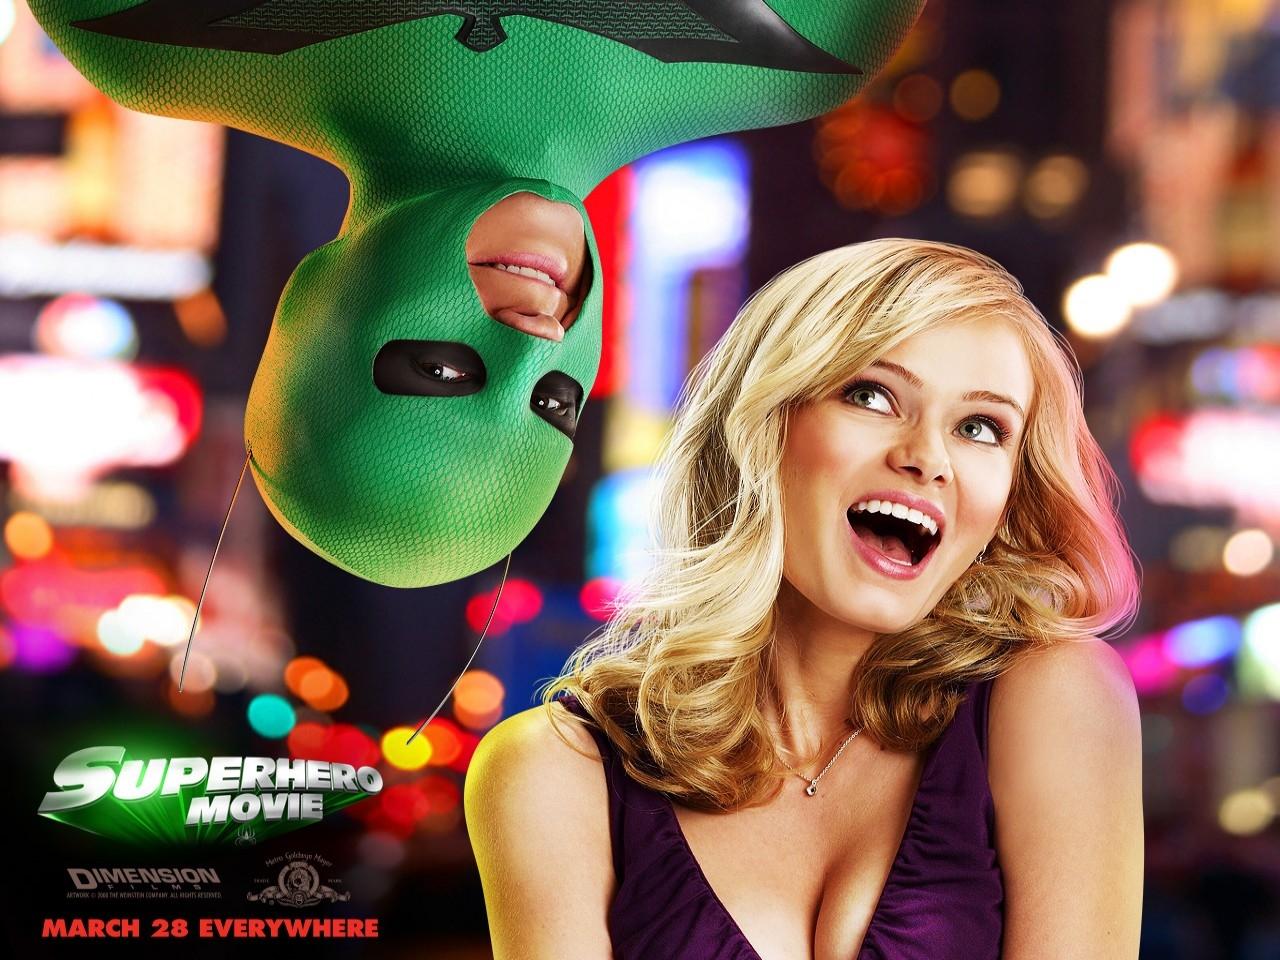 Wallpaper del film Superhero - Il più dotato fra i supereroi